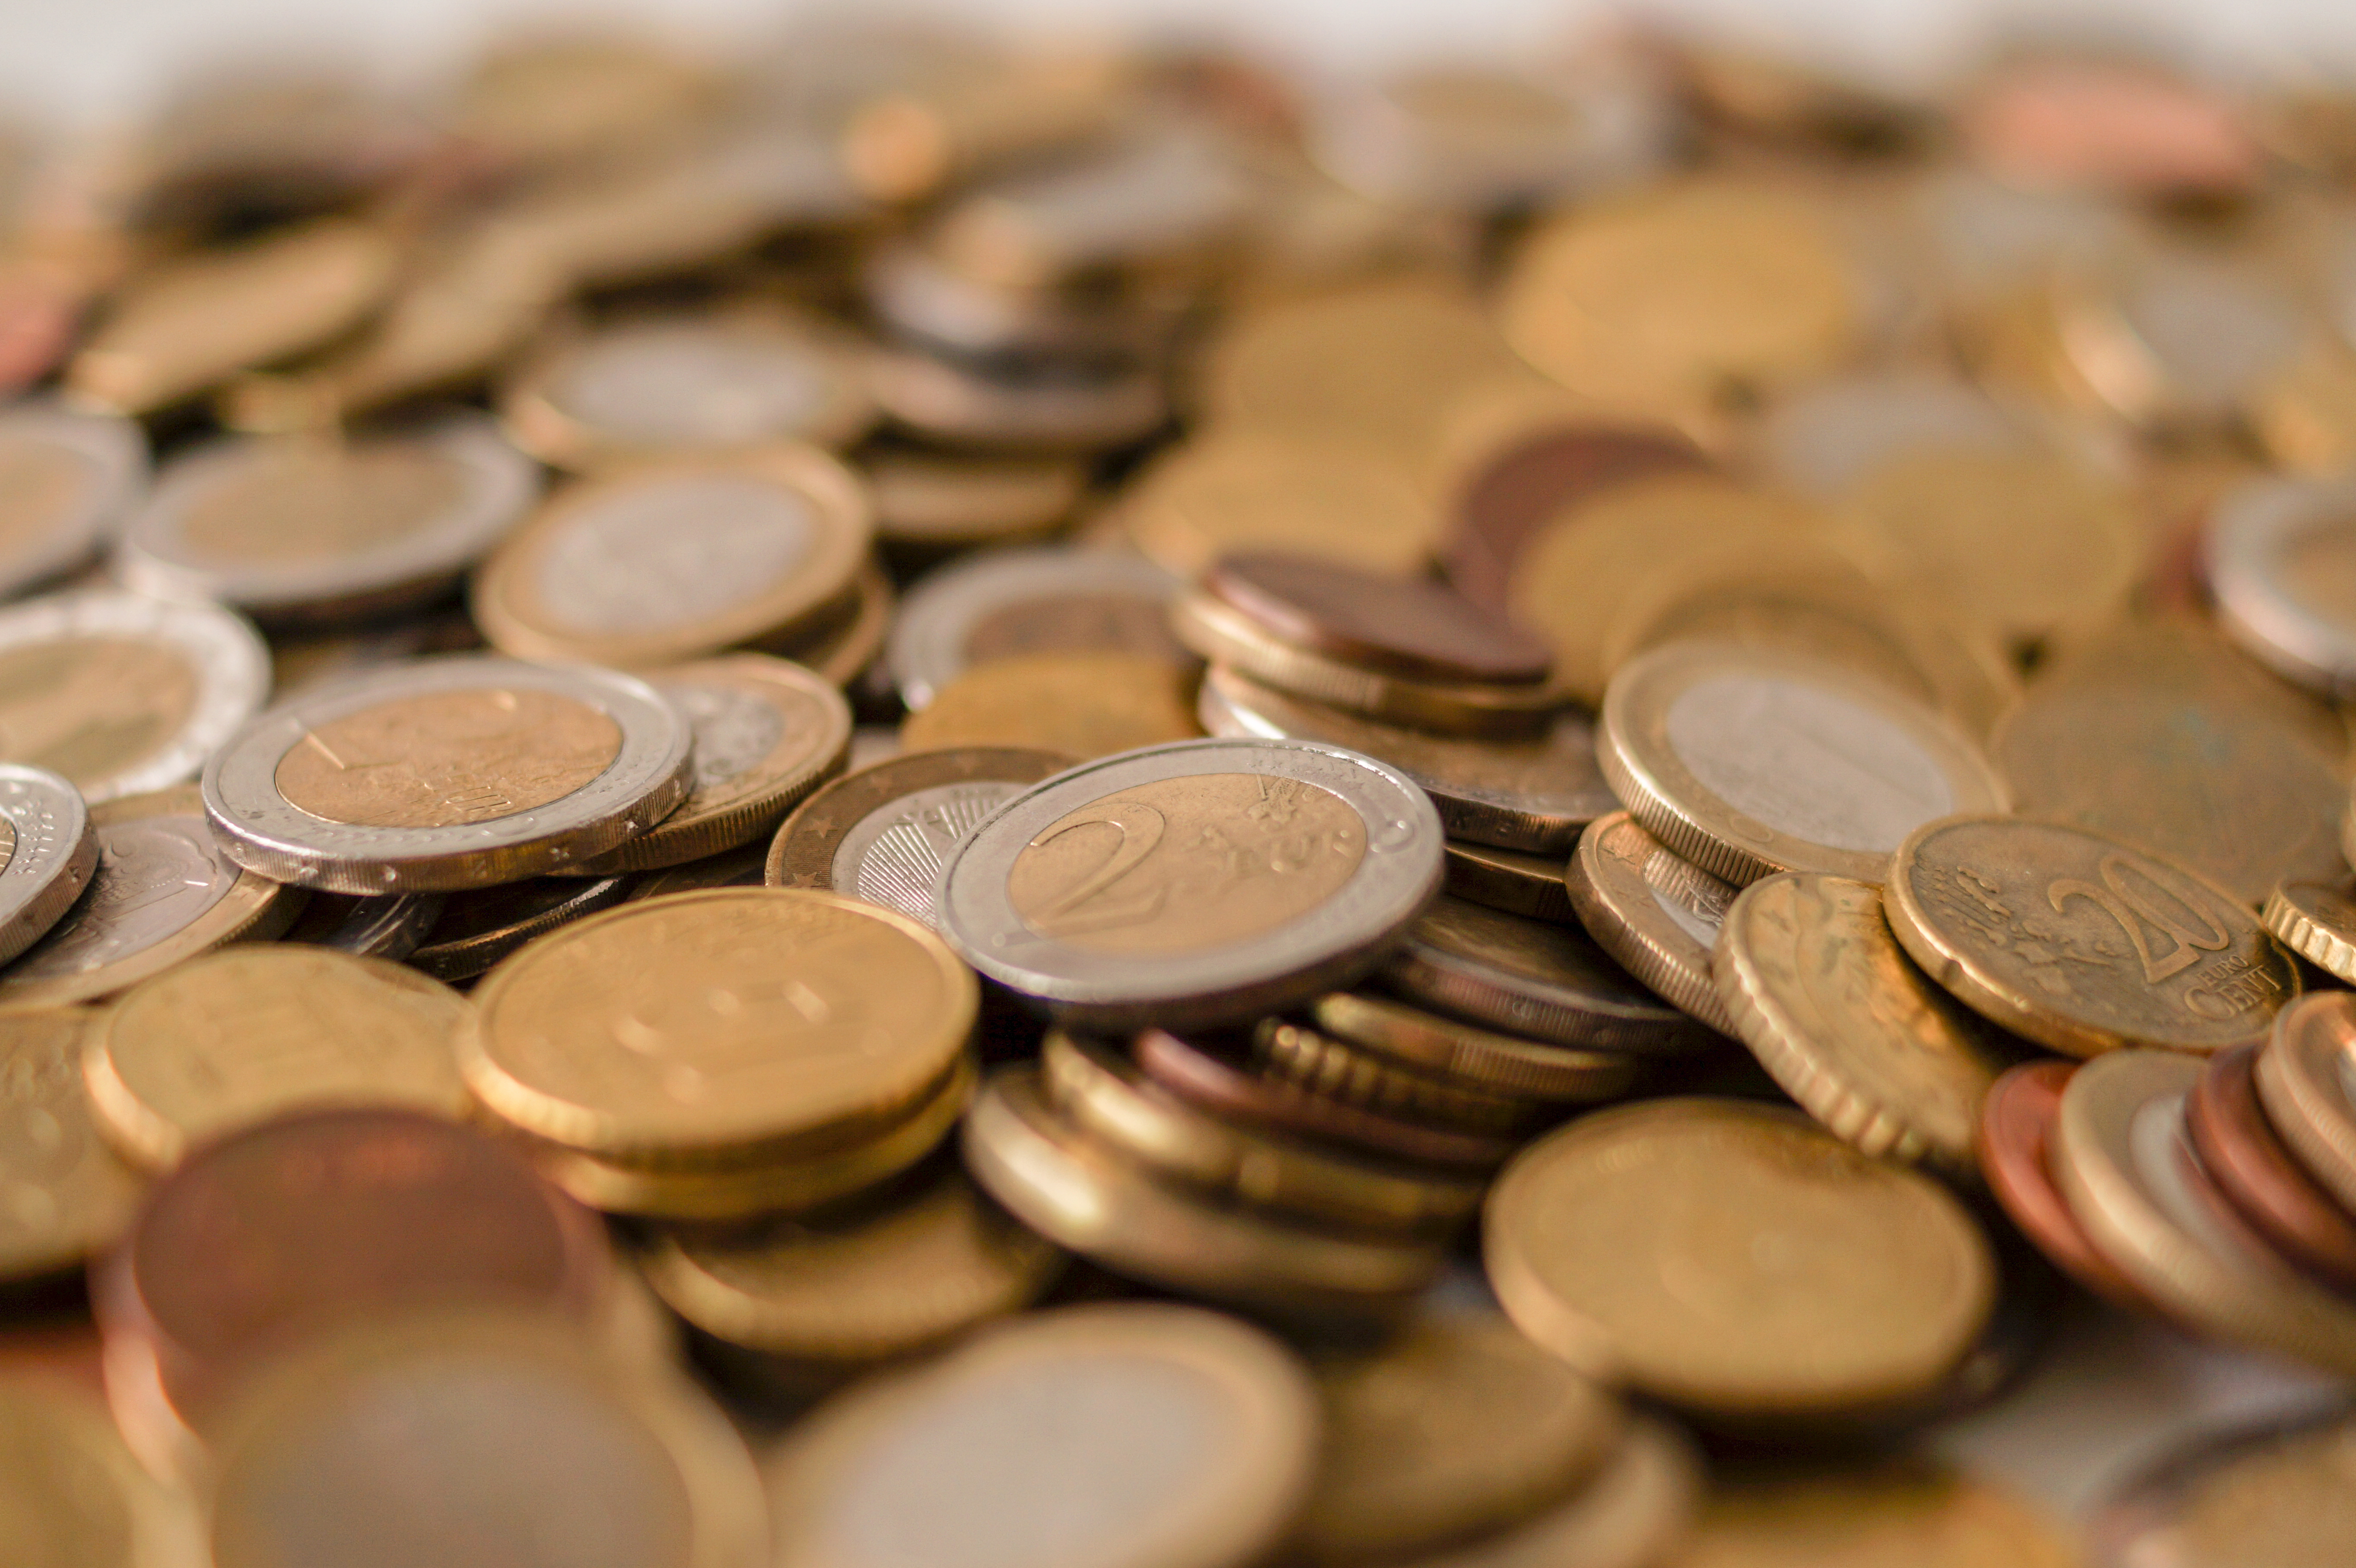 Economies d'argent au quotidien - Solvari